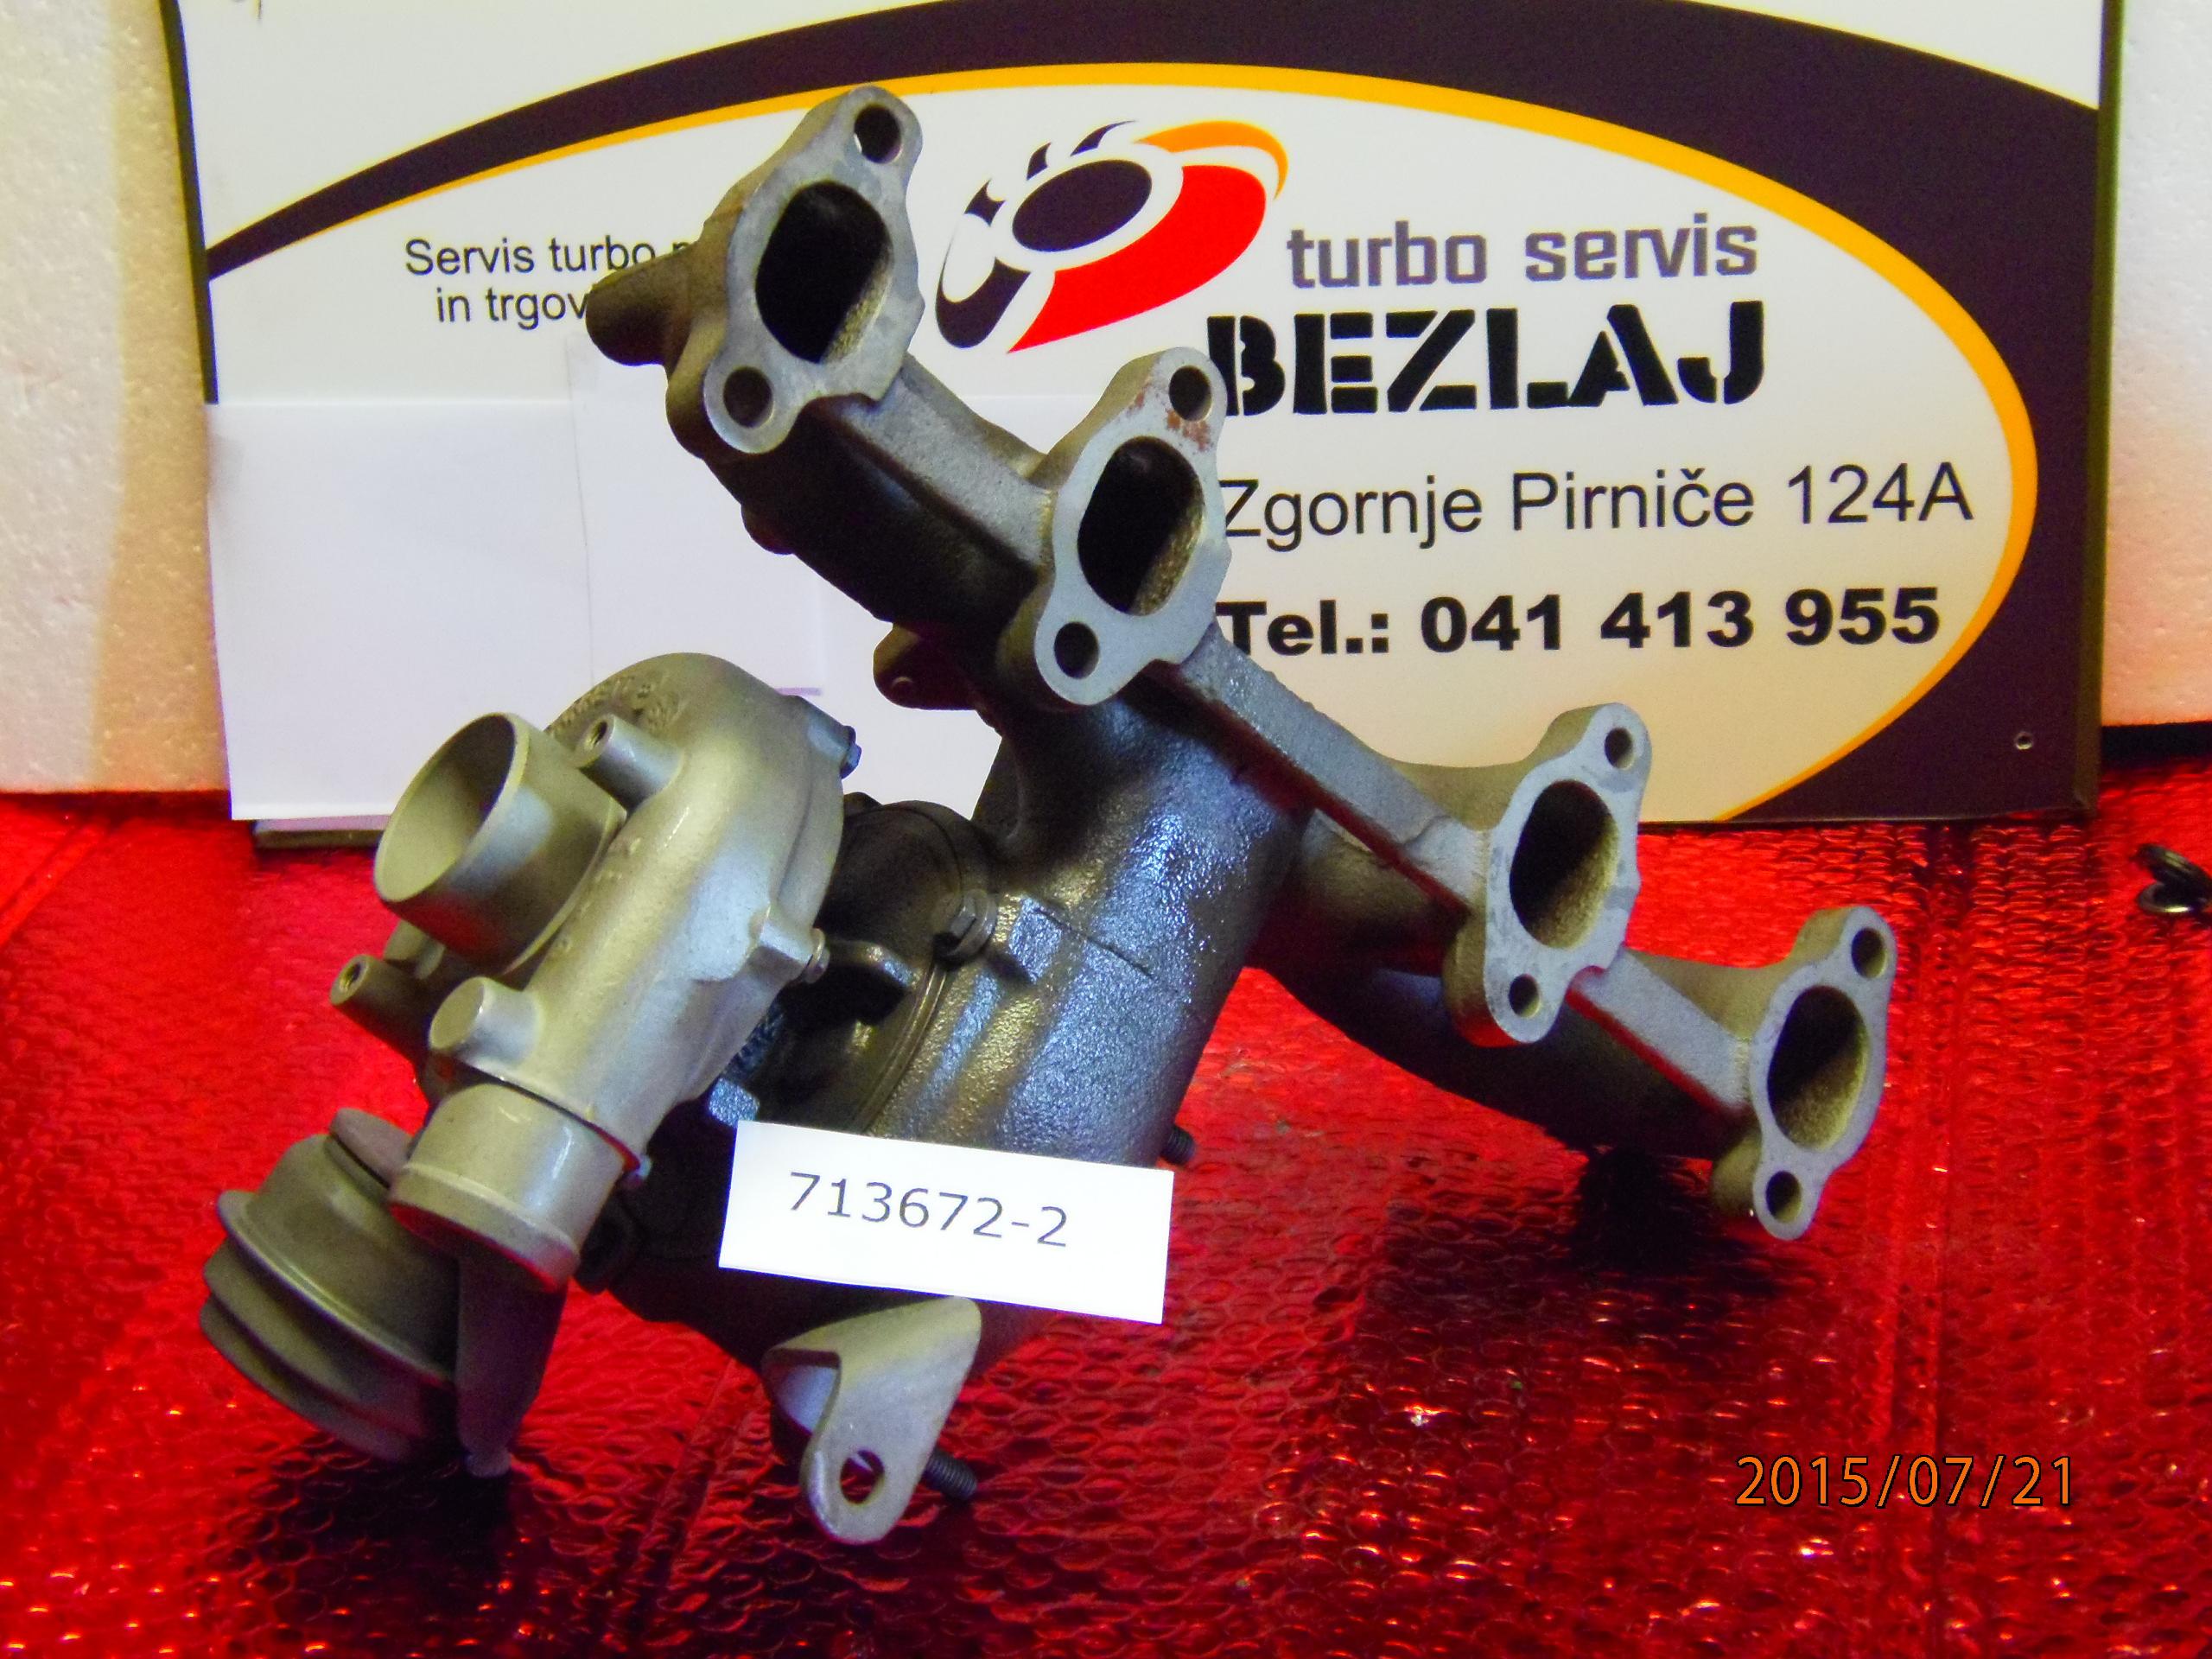 turbo713672-2 (3)